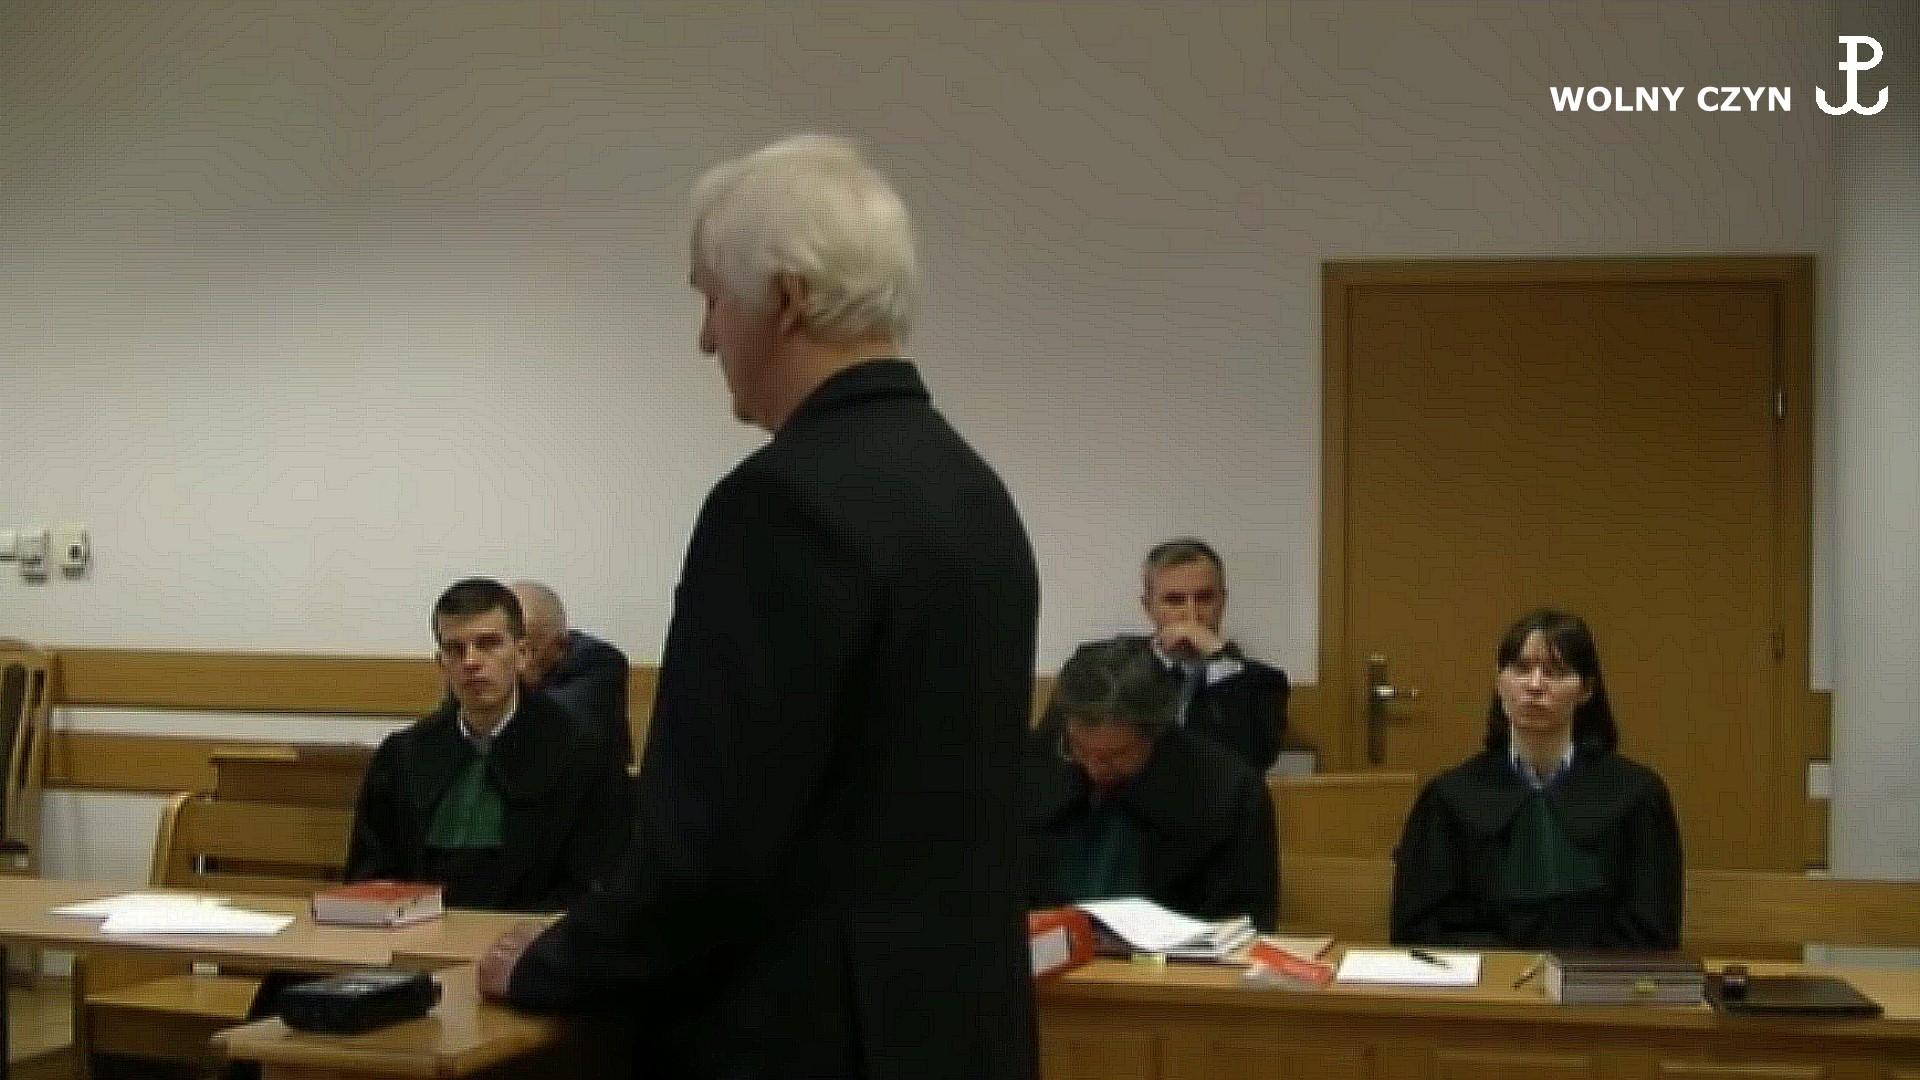 WOLNY CZYN: Film z rozprawy Wojciecha Sumlińskiego 30 października